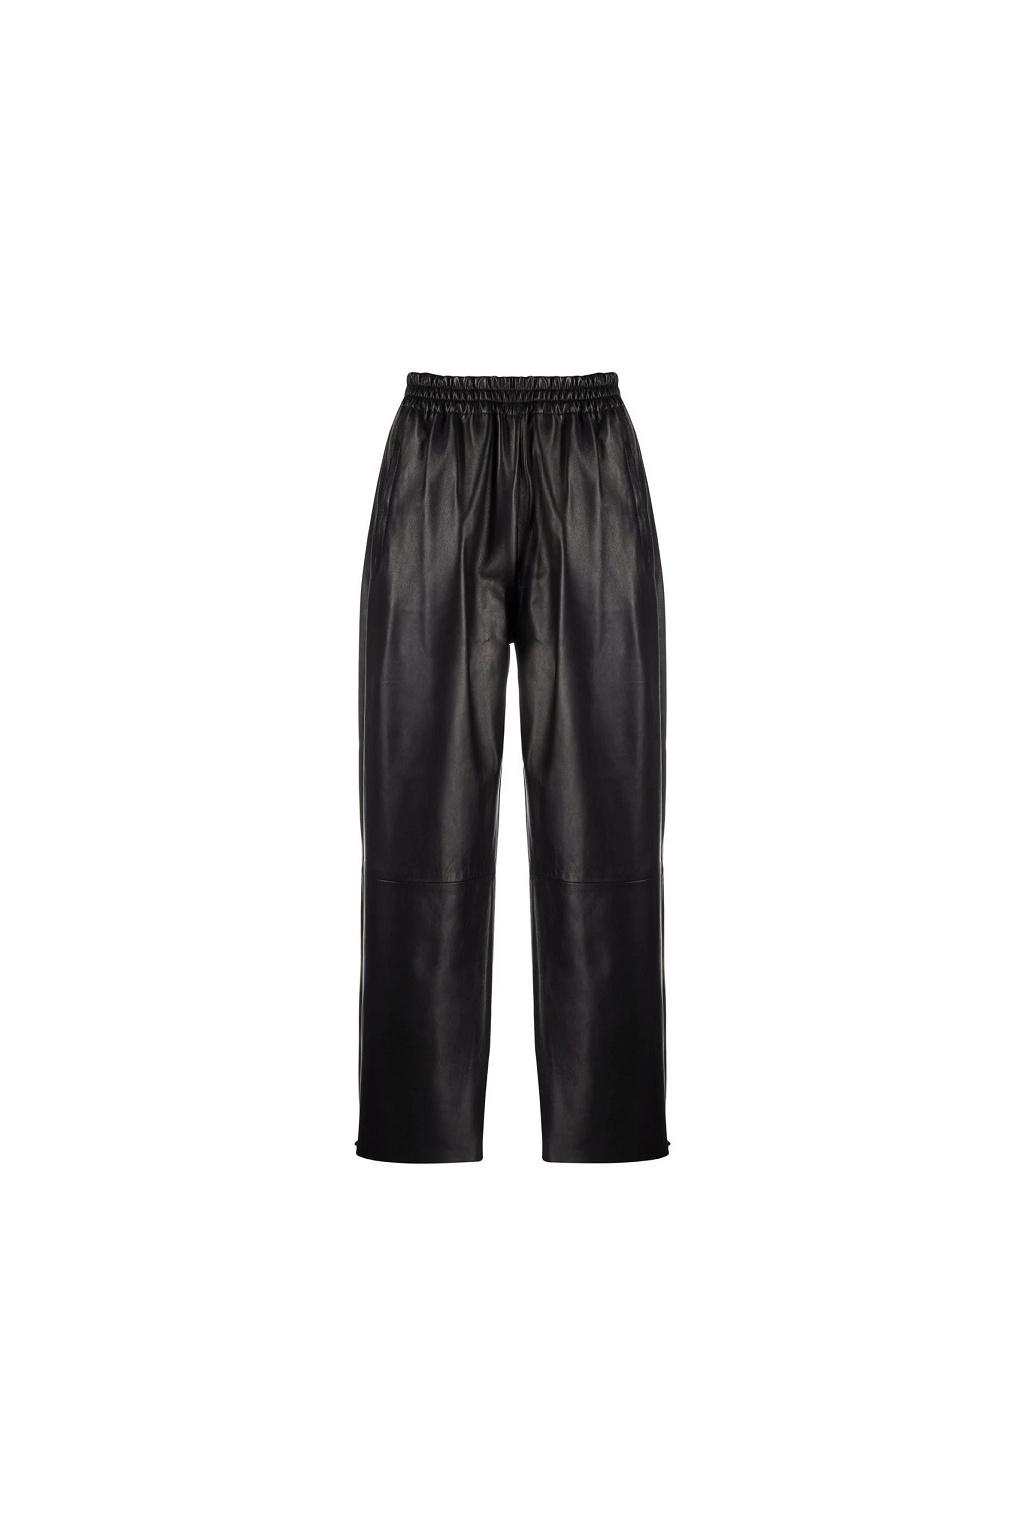 Dámské kožené kalhoty Pinko Toast 4 černé